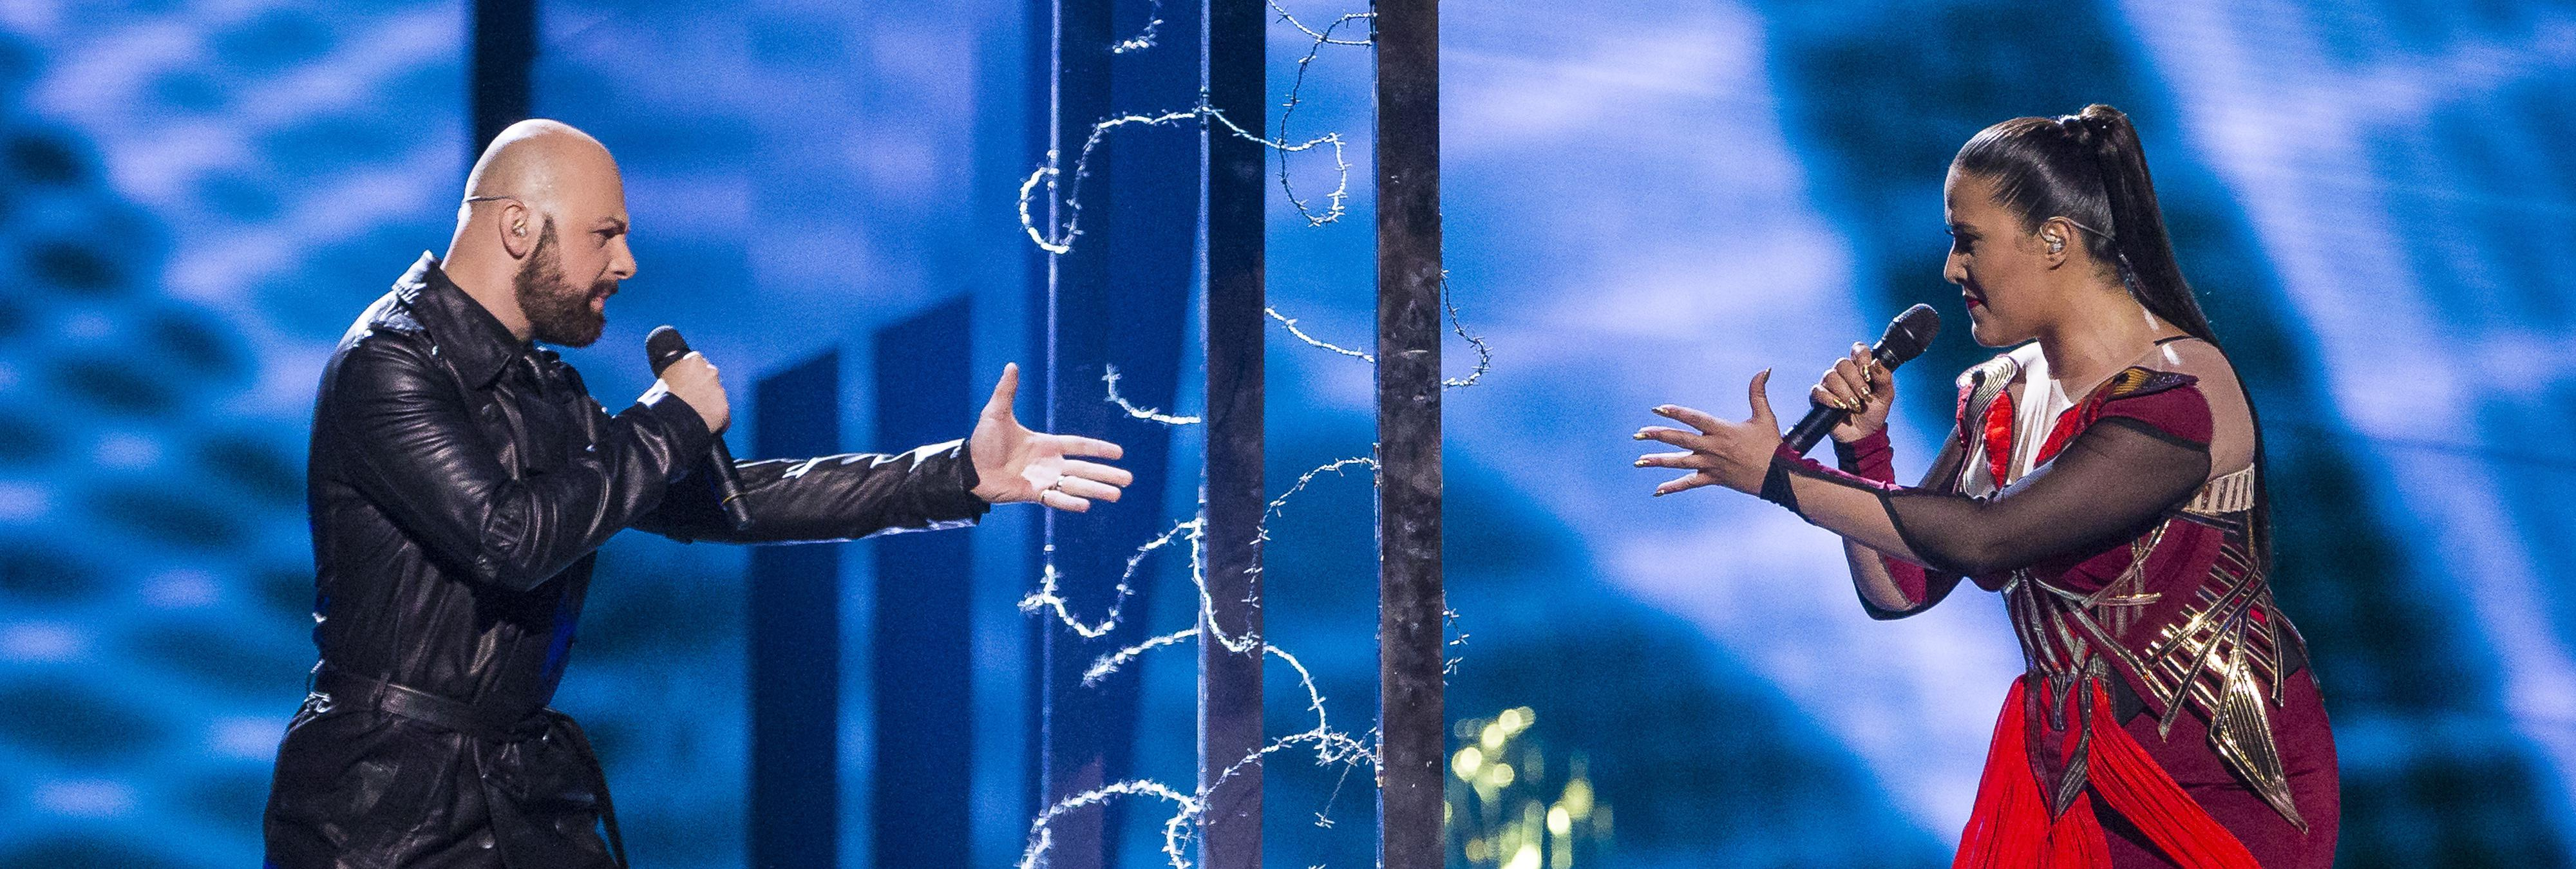 ¿Es Eurovisión un buen momento para luchar por causas políticas o sociales?